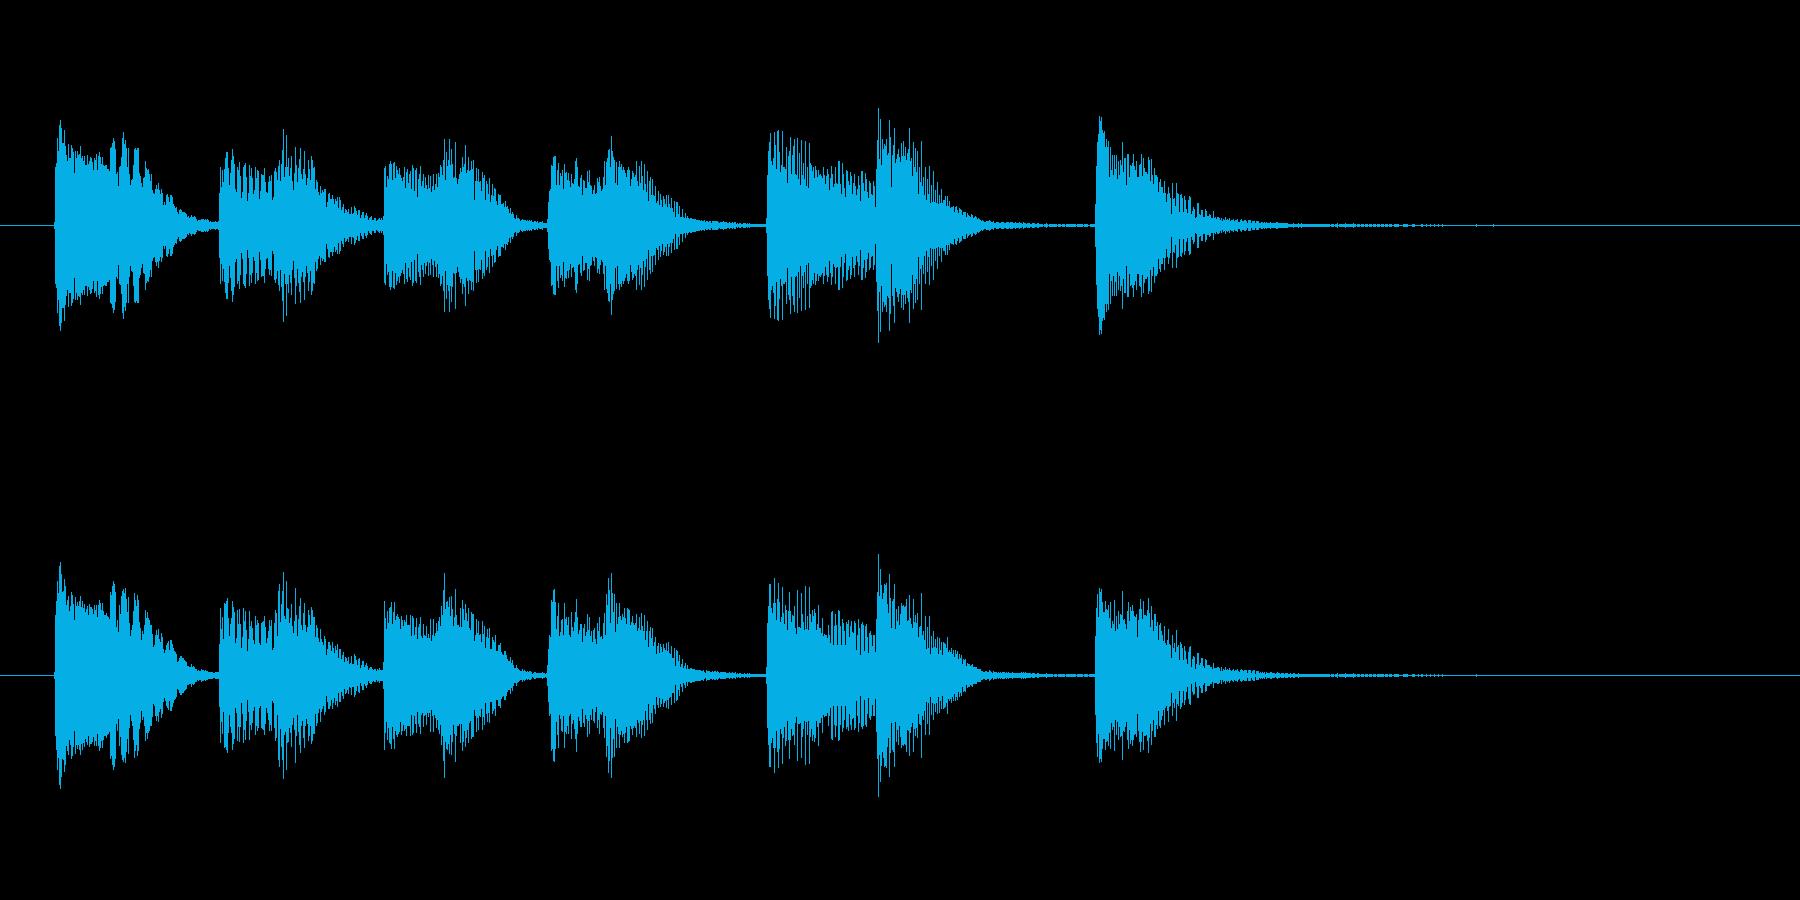 オチピアノ① ズッコケ 場面転換の再生済みの波形